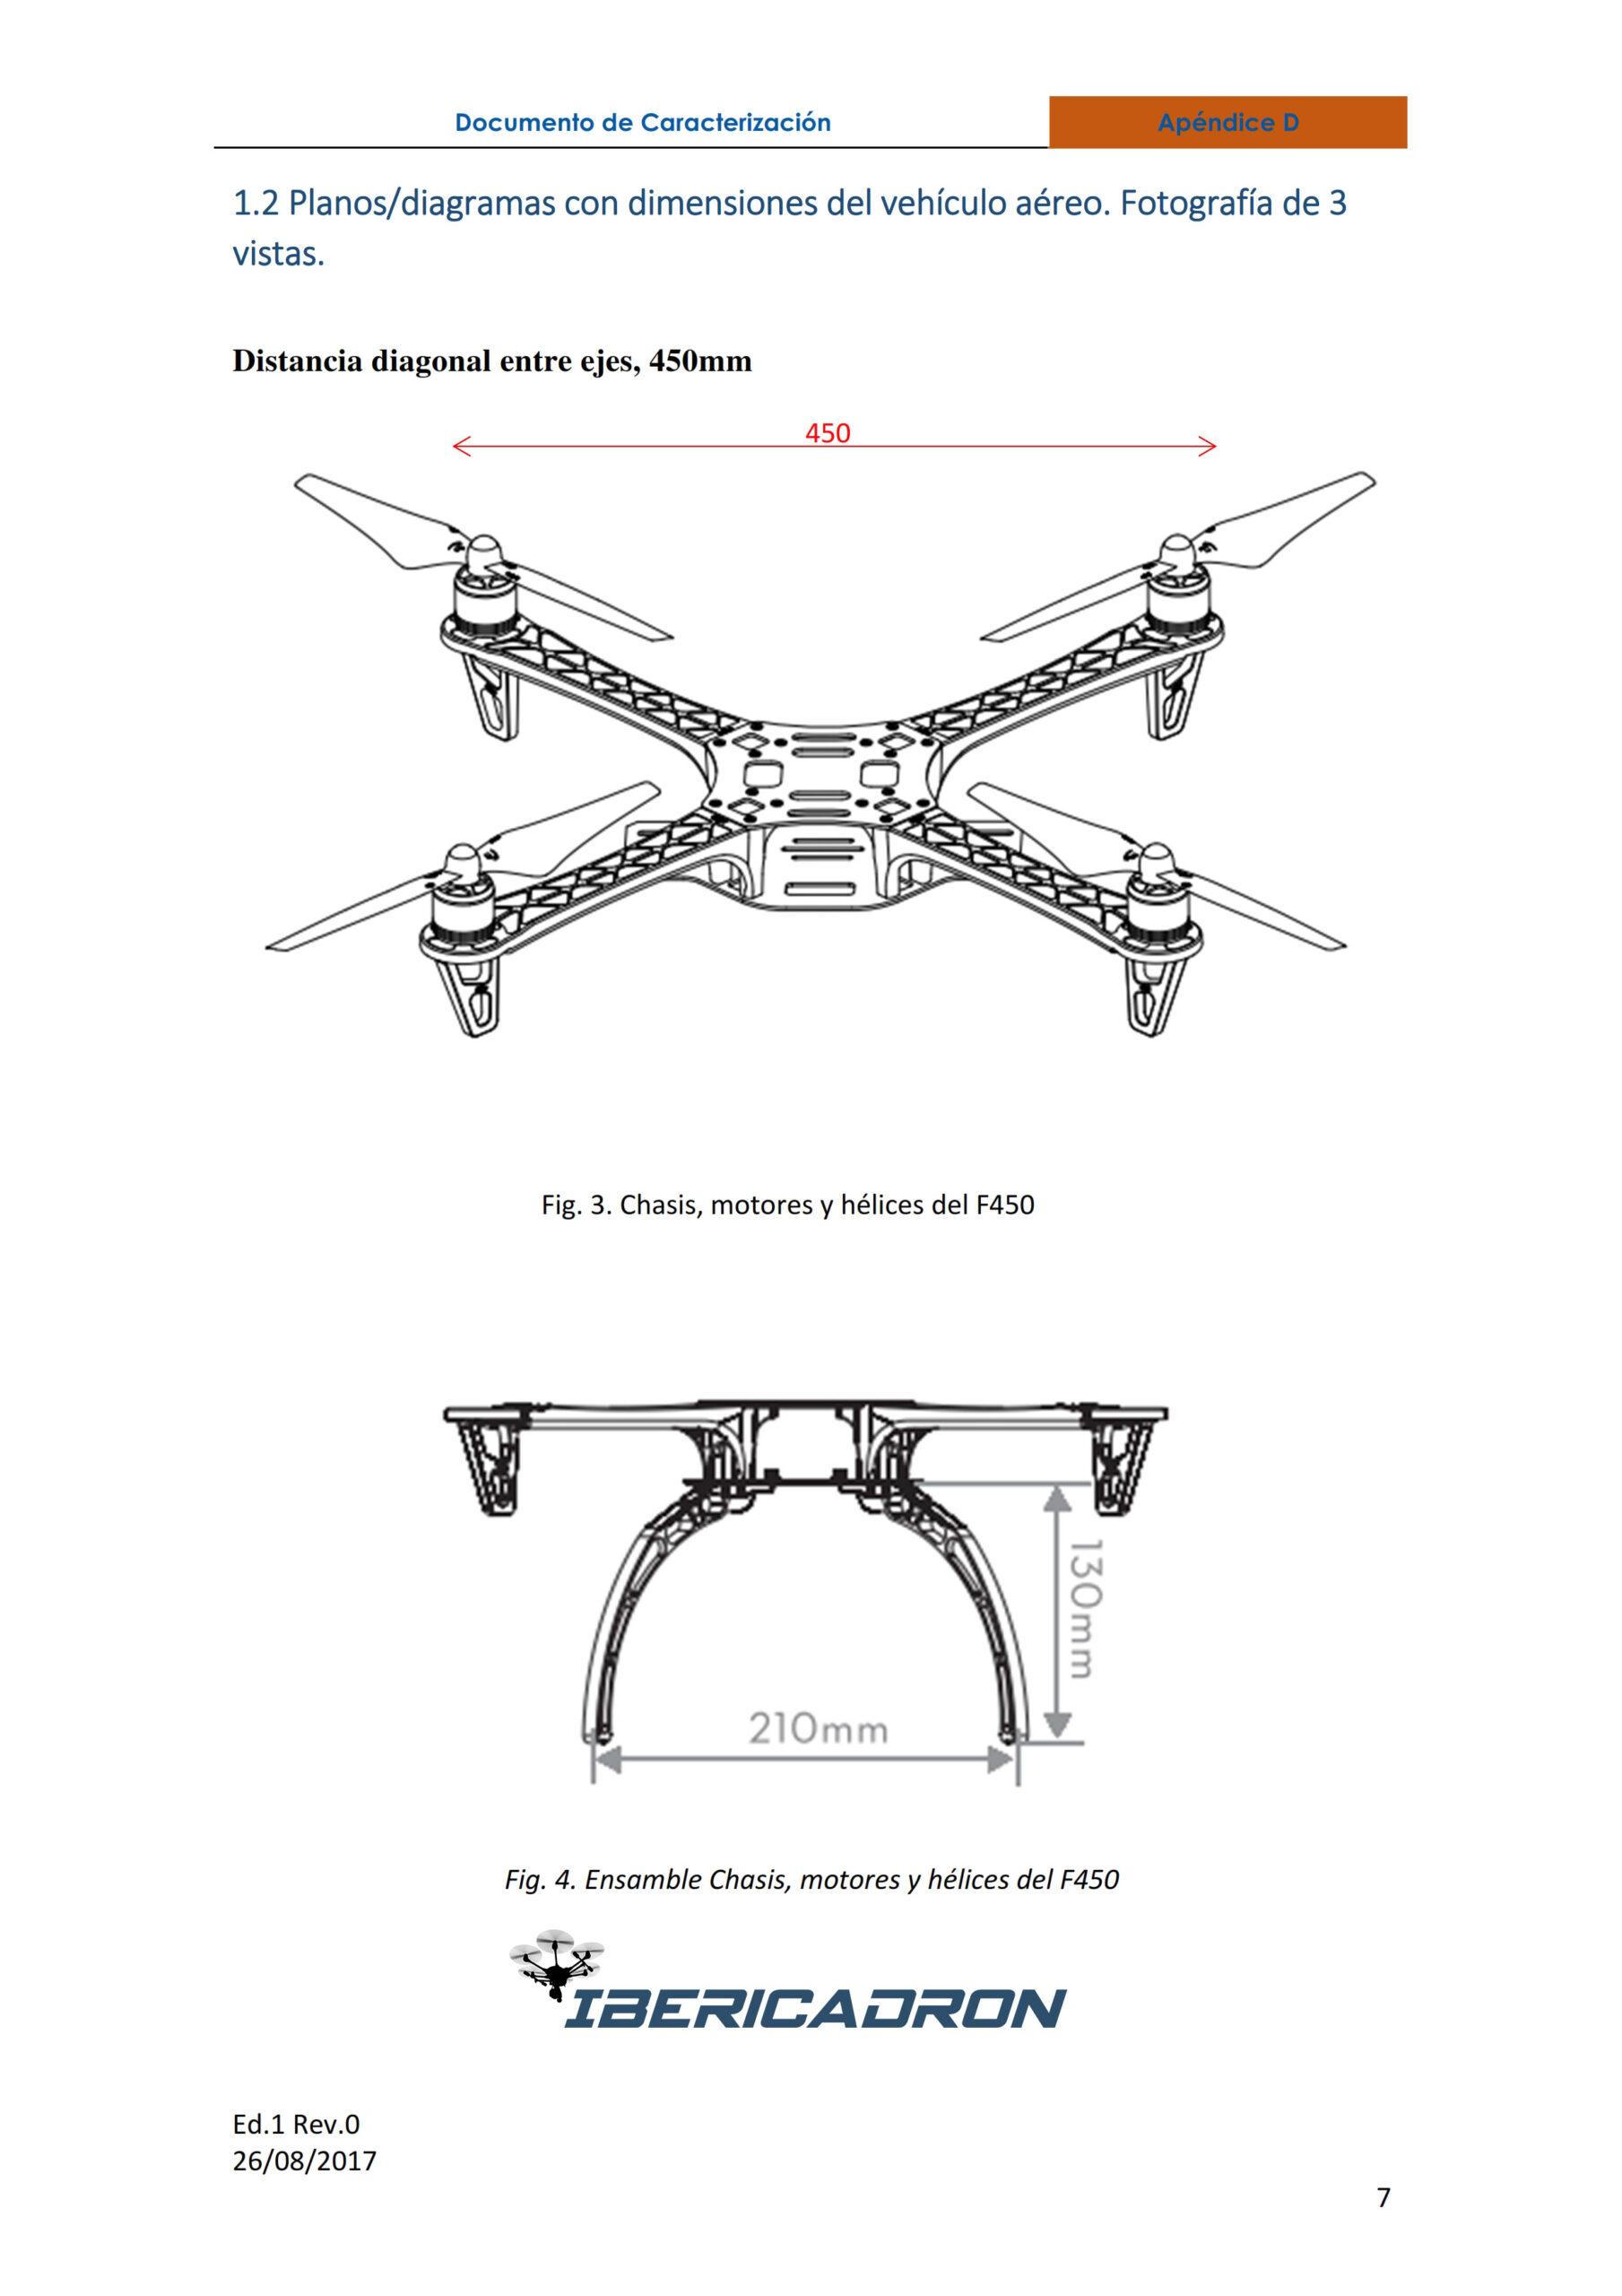 Documento de caracterización dron F450